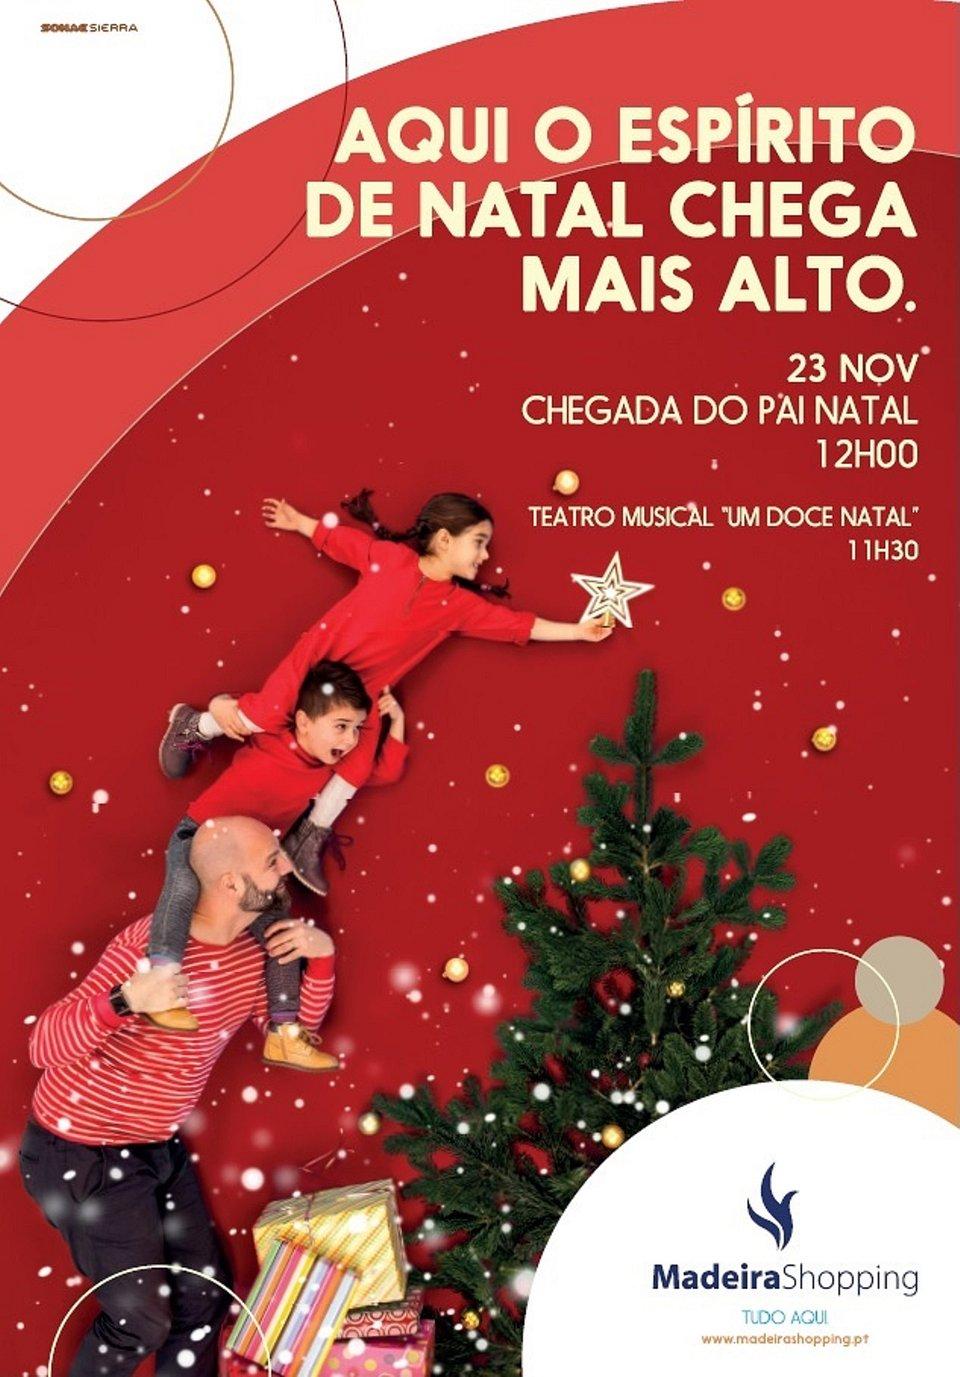 De 23 de novembro a 23 de dezembro o MadeiraShopping tem a melhor programação de natal